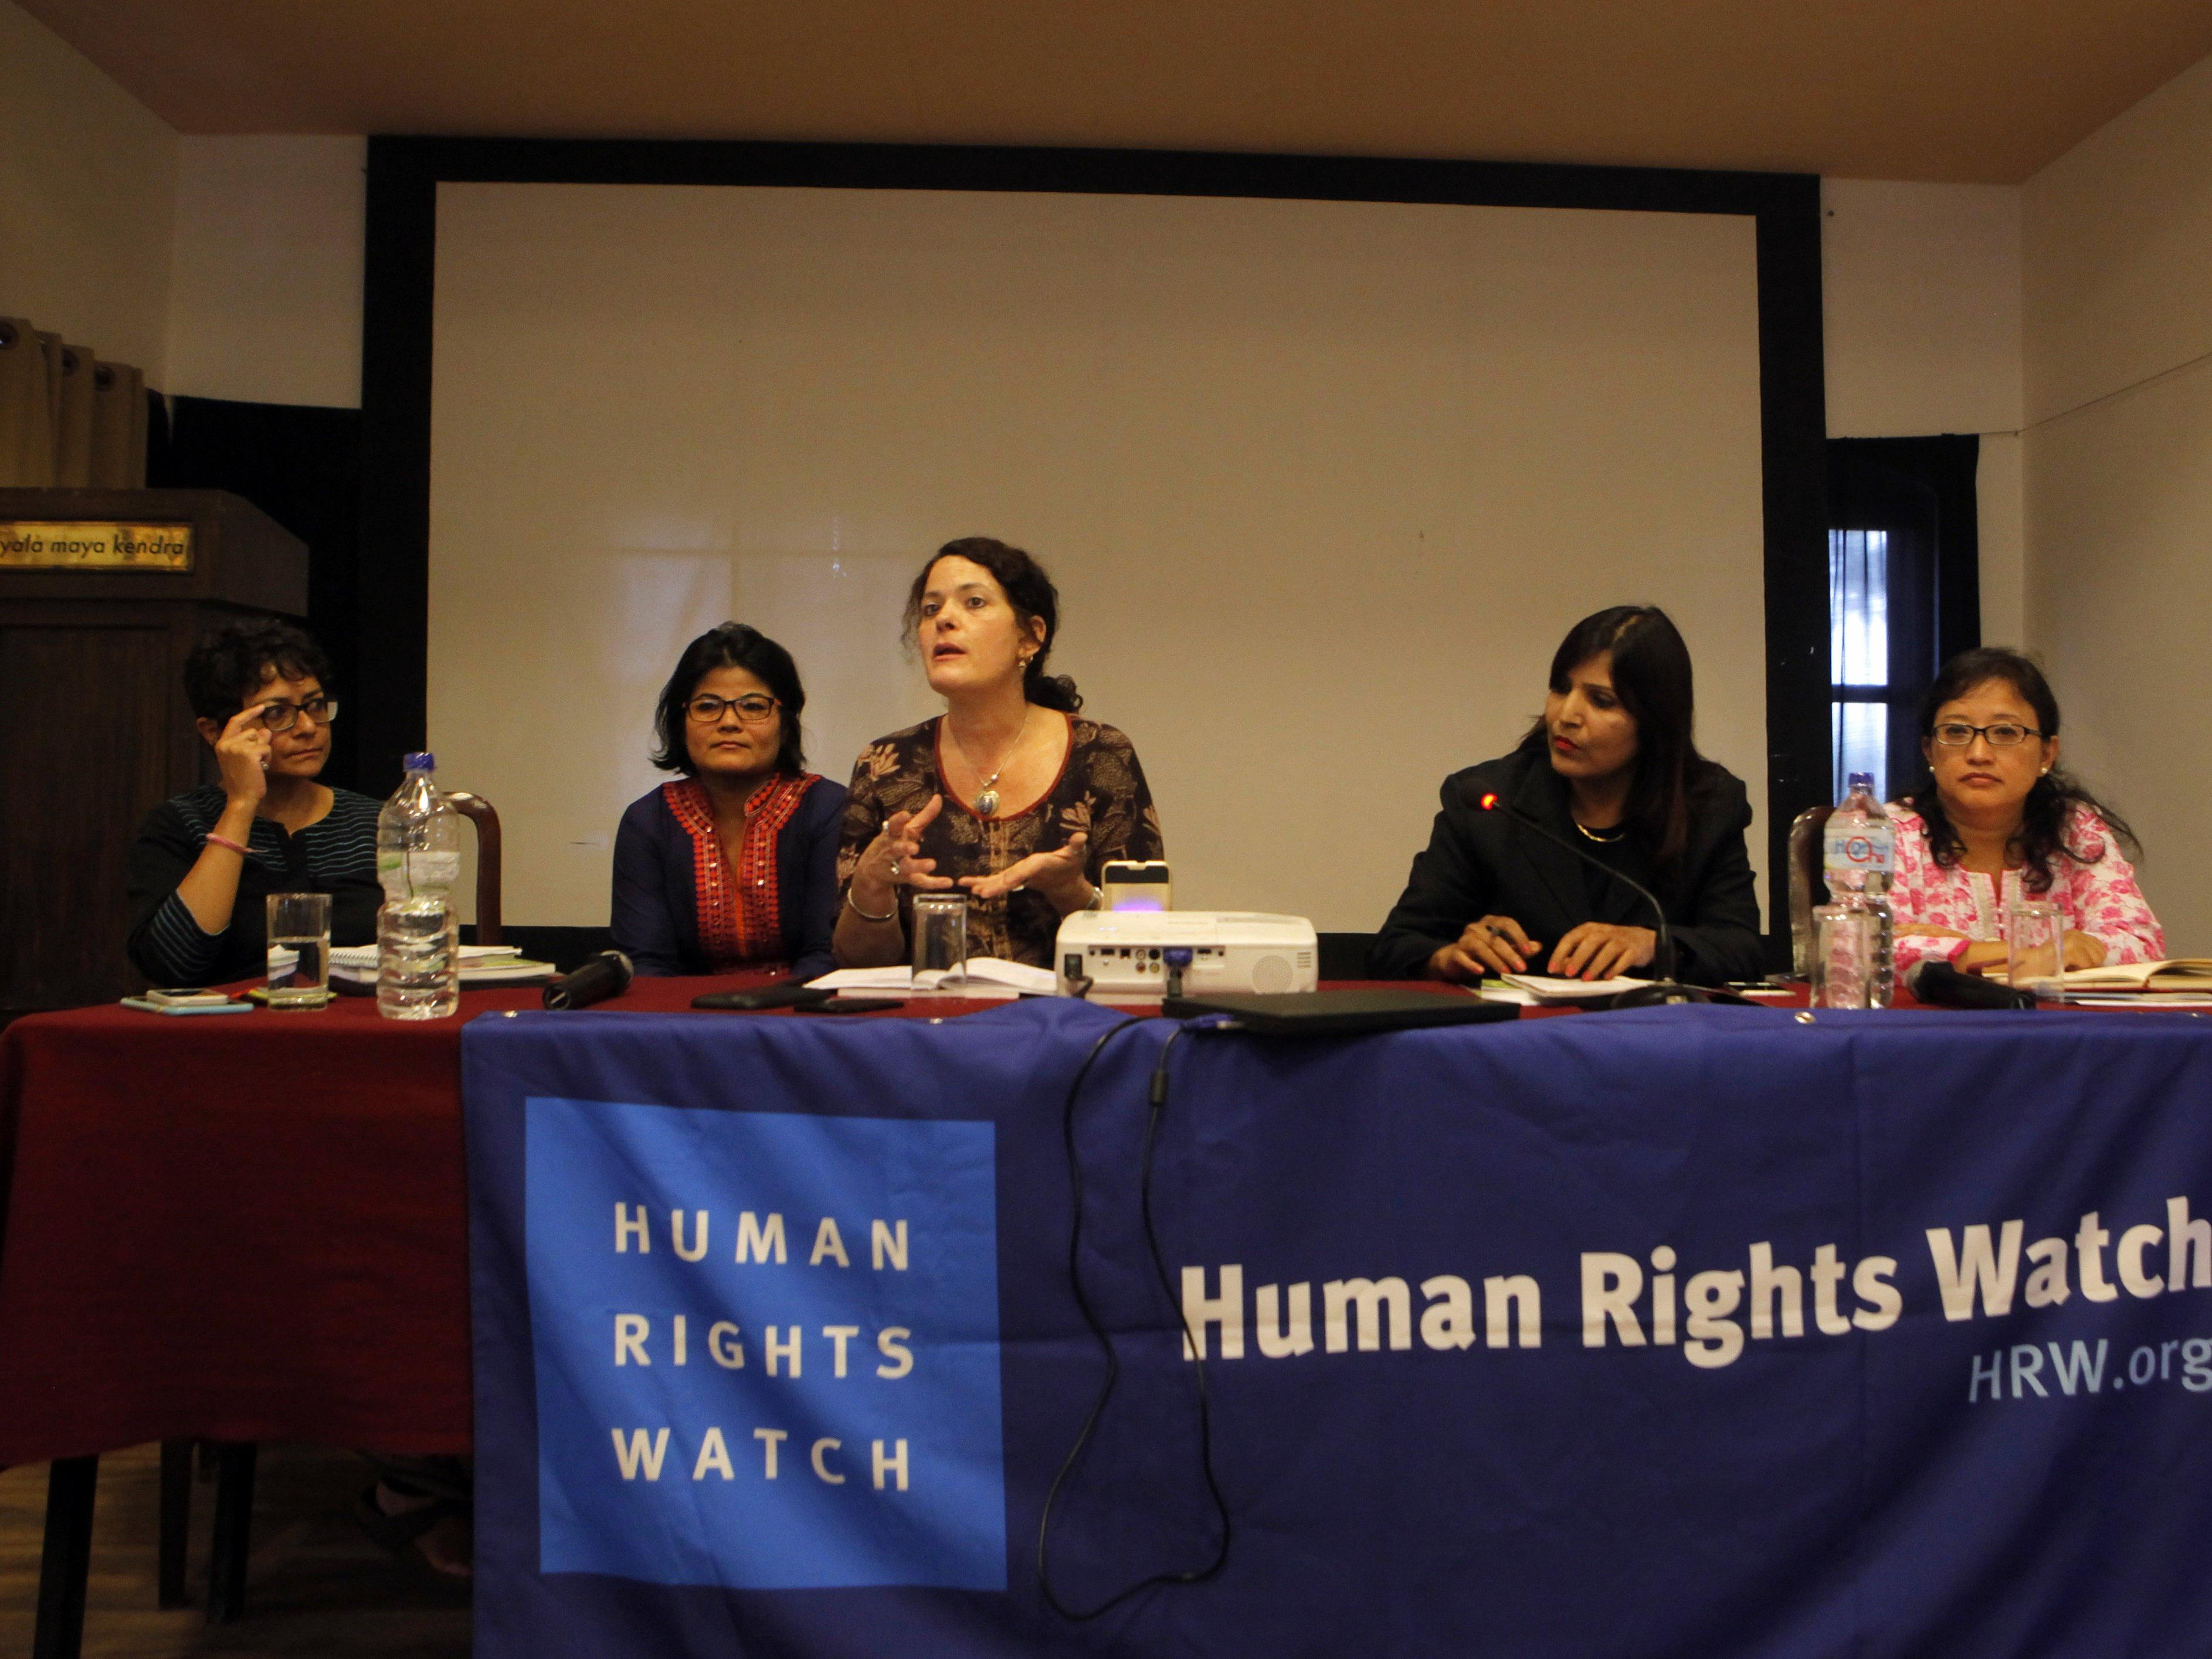 Die HRW kritisiert die nepalesische Regierung.